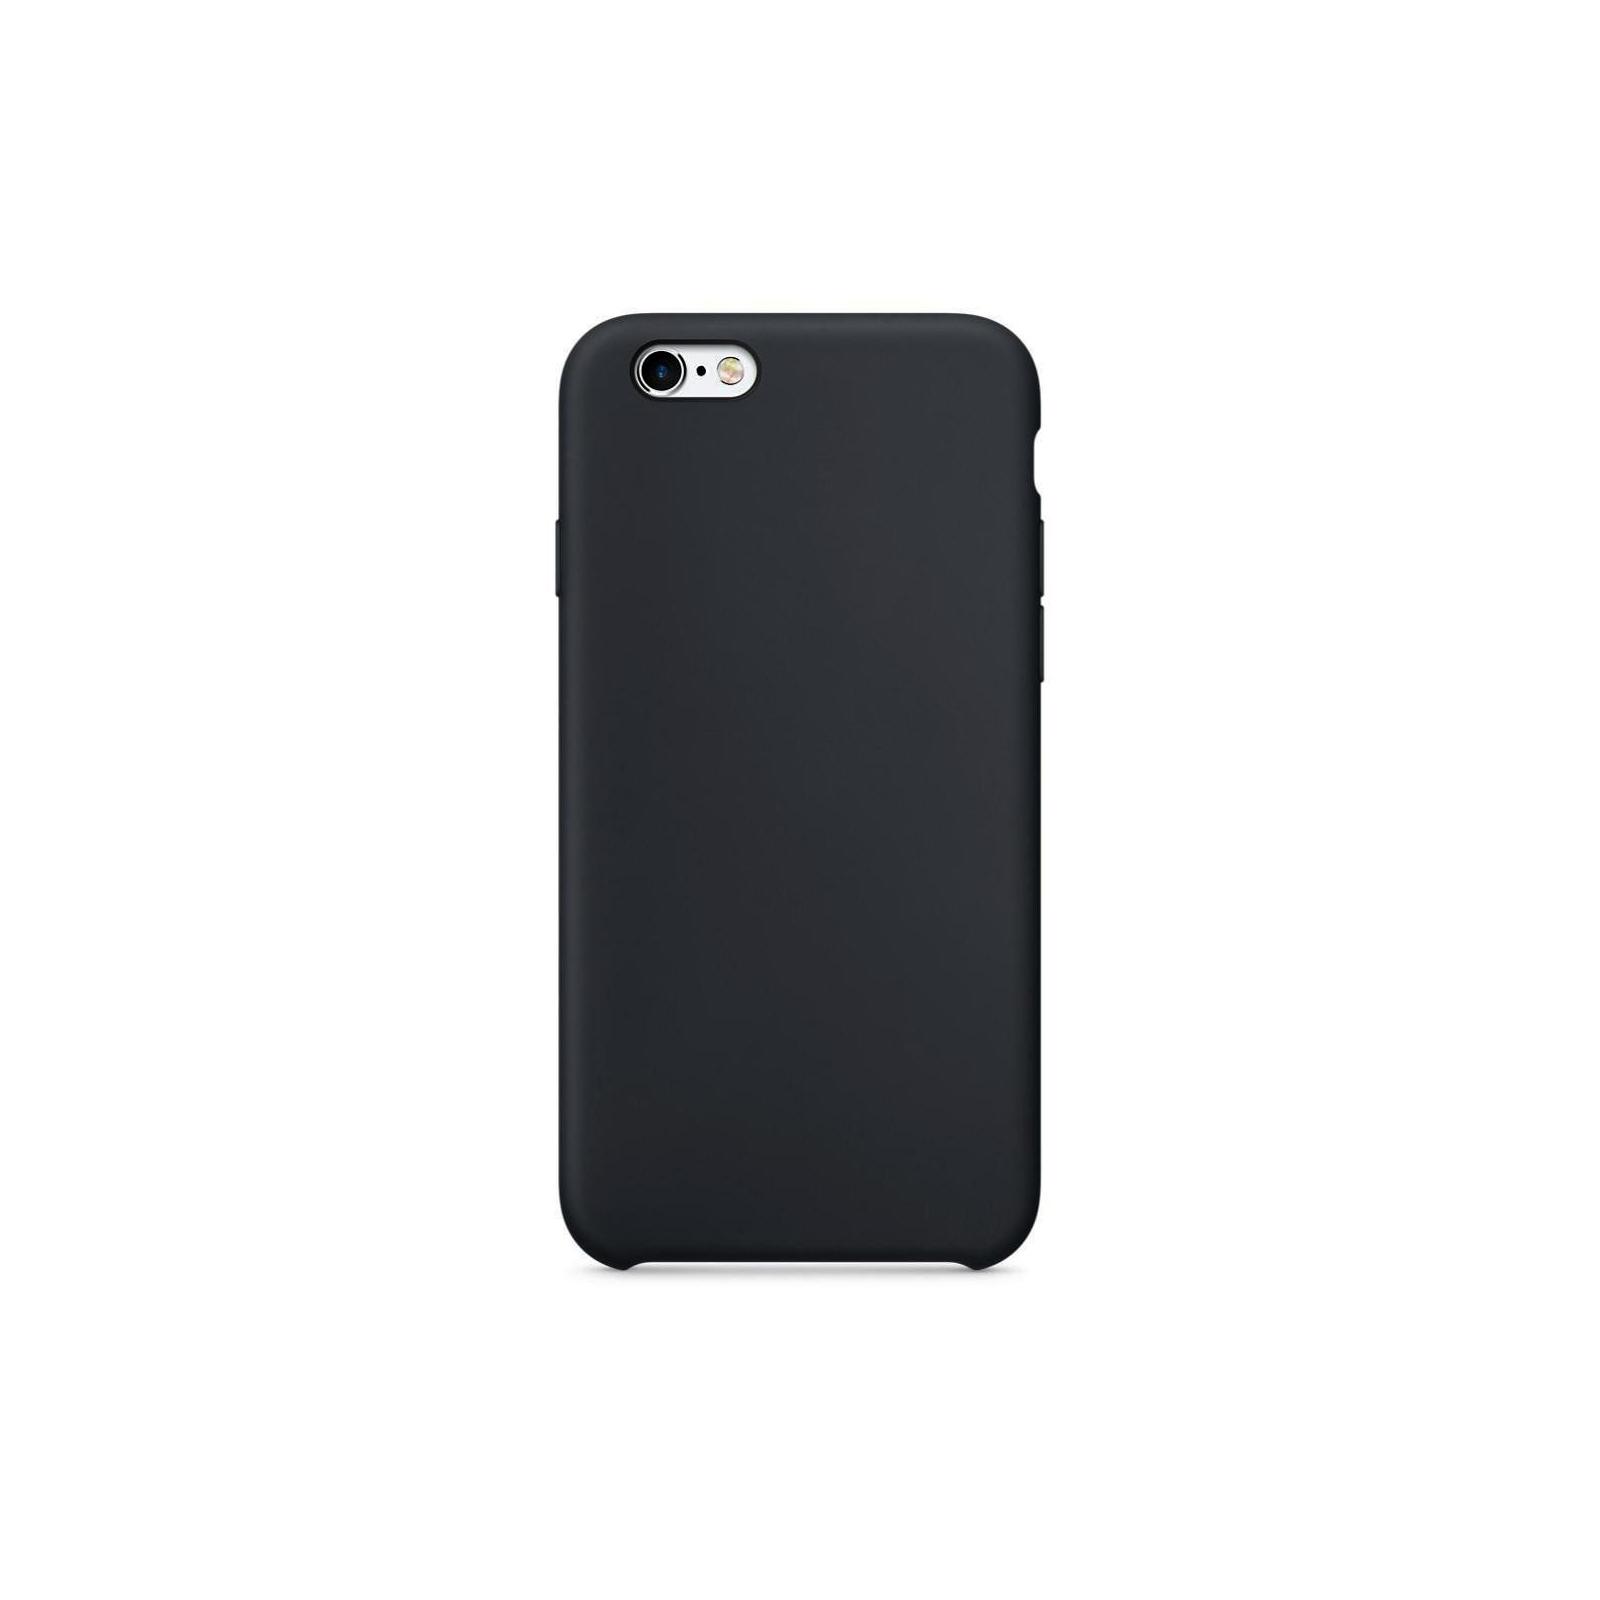 Чехол для моб. телефона Laudtec для iPhone 6/6s liquid case (black) (LT-I6LC) изображение 3